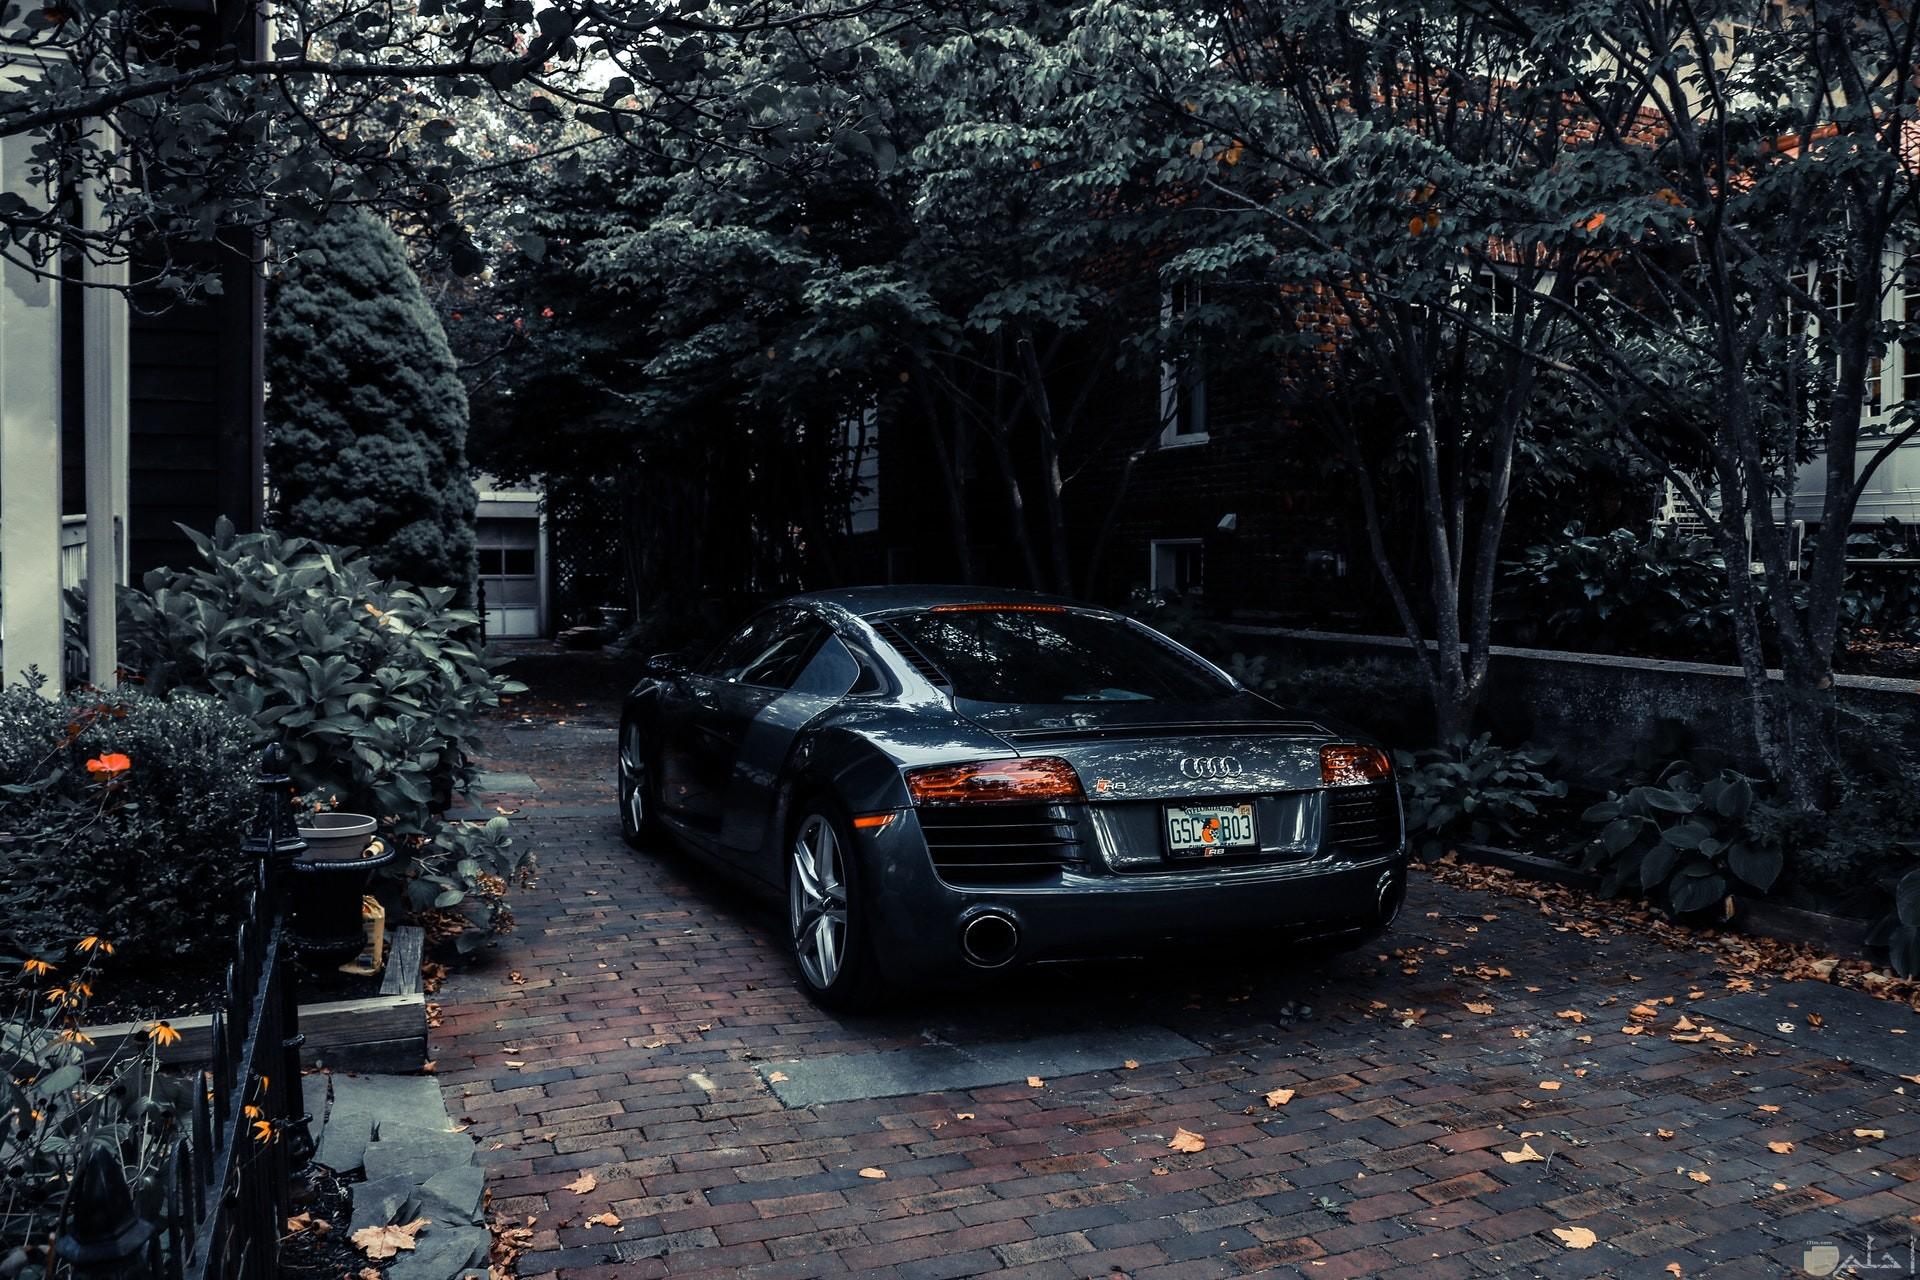 صورة سيارة أودي فخمة جميلة جدا بجوارها أشجار للفيس بوك